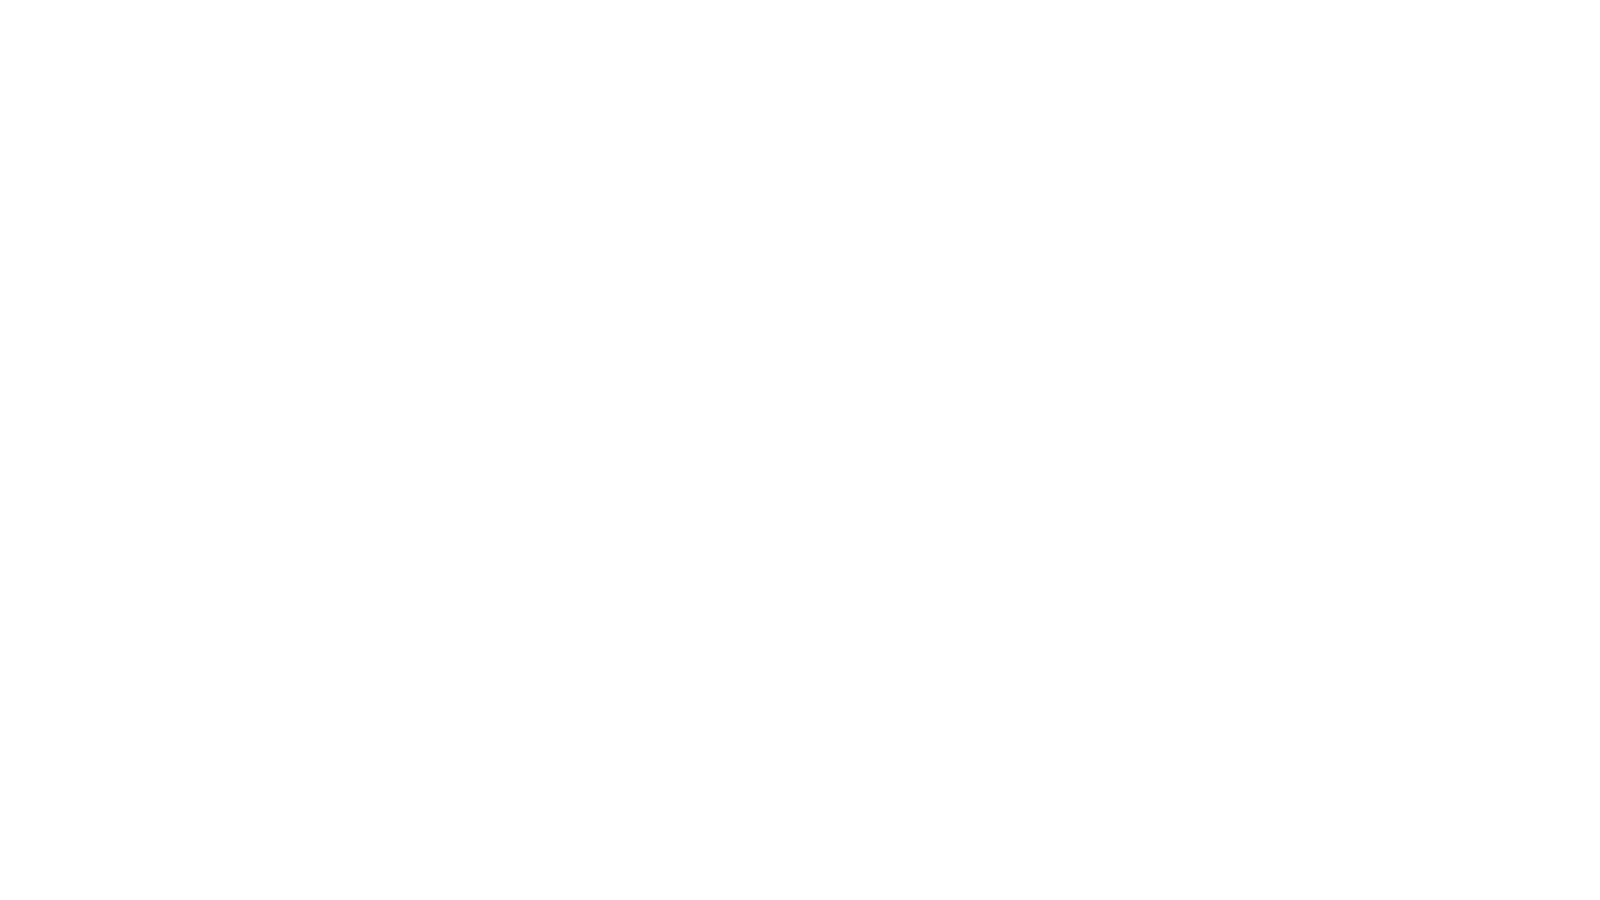 """La compétition CinéVision Sud 2021 décerne au LGT Jardin d'Essai, Abymes, Guadeloupe, la mention spéciale du jury avec """"nunca más"""" dans la branche : films d'écoles.  Montage vidéo : LGT Jardin d'Essai, Abymes, Guadeloupe  #mcc2021 #mcc #mcinecaraibe #missioncinemacaraibe #cinevisionsud #cinevisionsudcontest #film #courtmetrage #shortfilm #ecole #school #guadeloupe #westindies #caribbeanisland"""